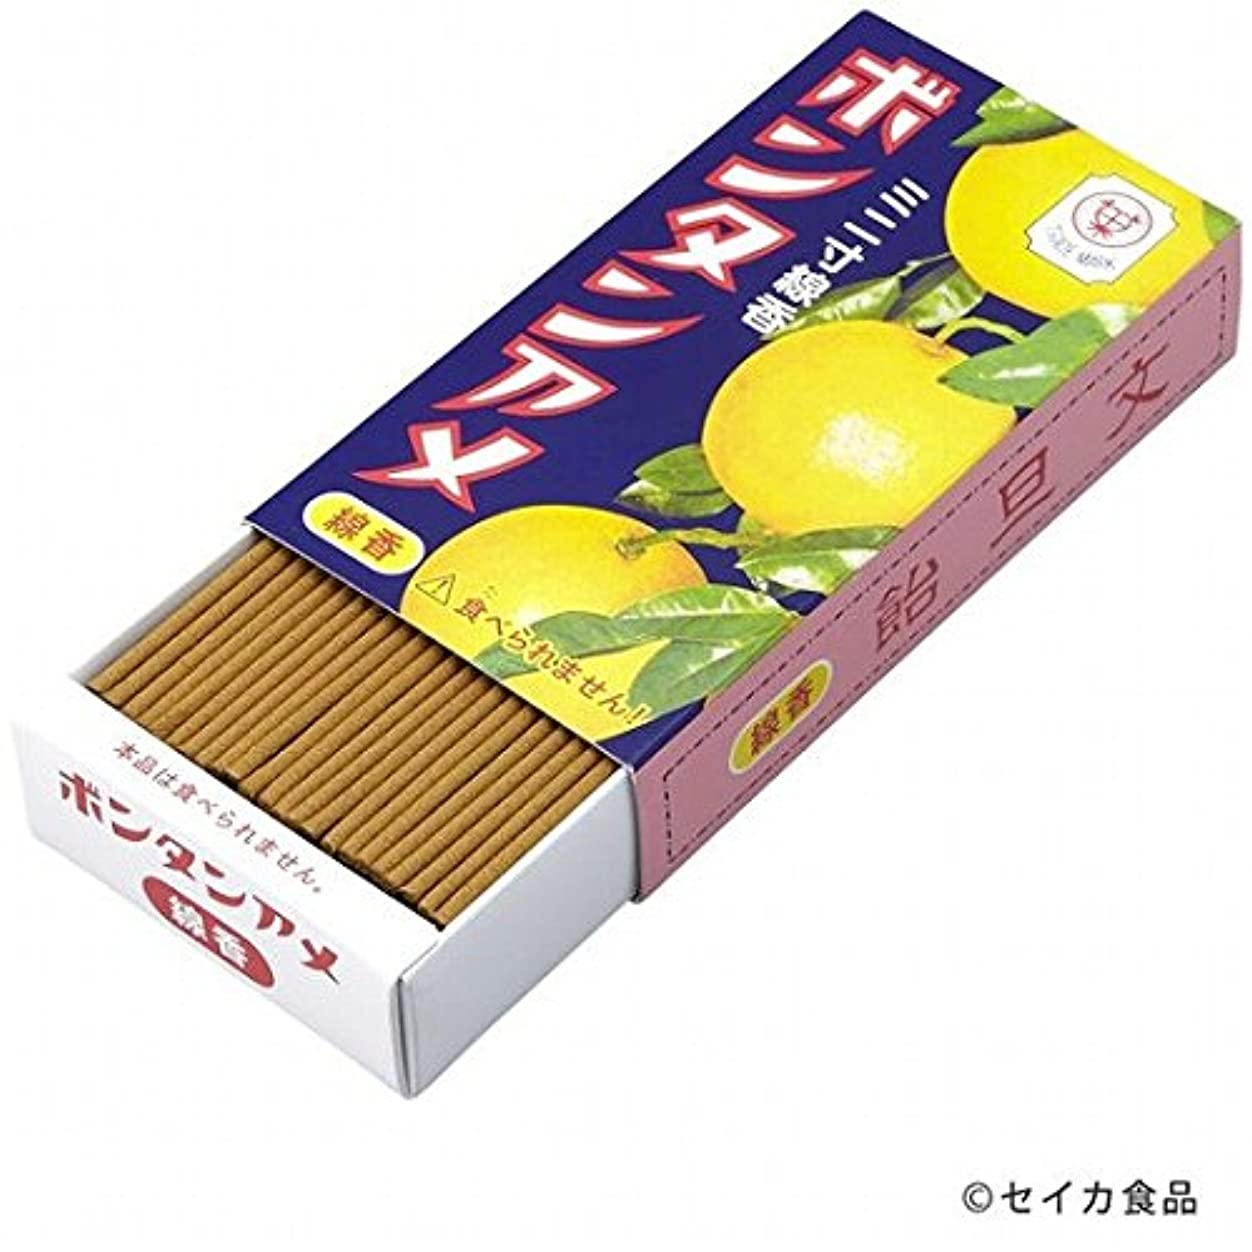 ペレグリネーション刺激する虚弱カメヤマキャンドル( kameyama candle ) ボンタンアメ ミニ寸線香